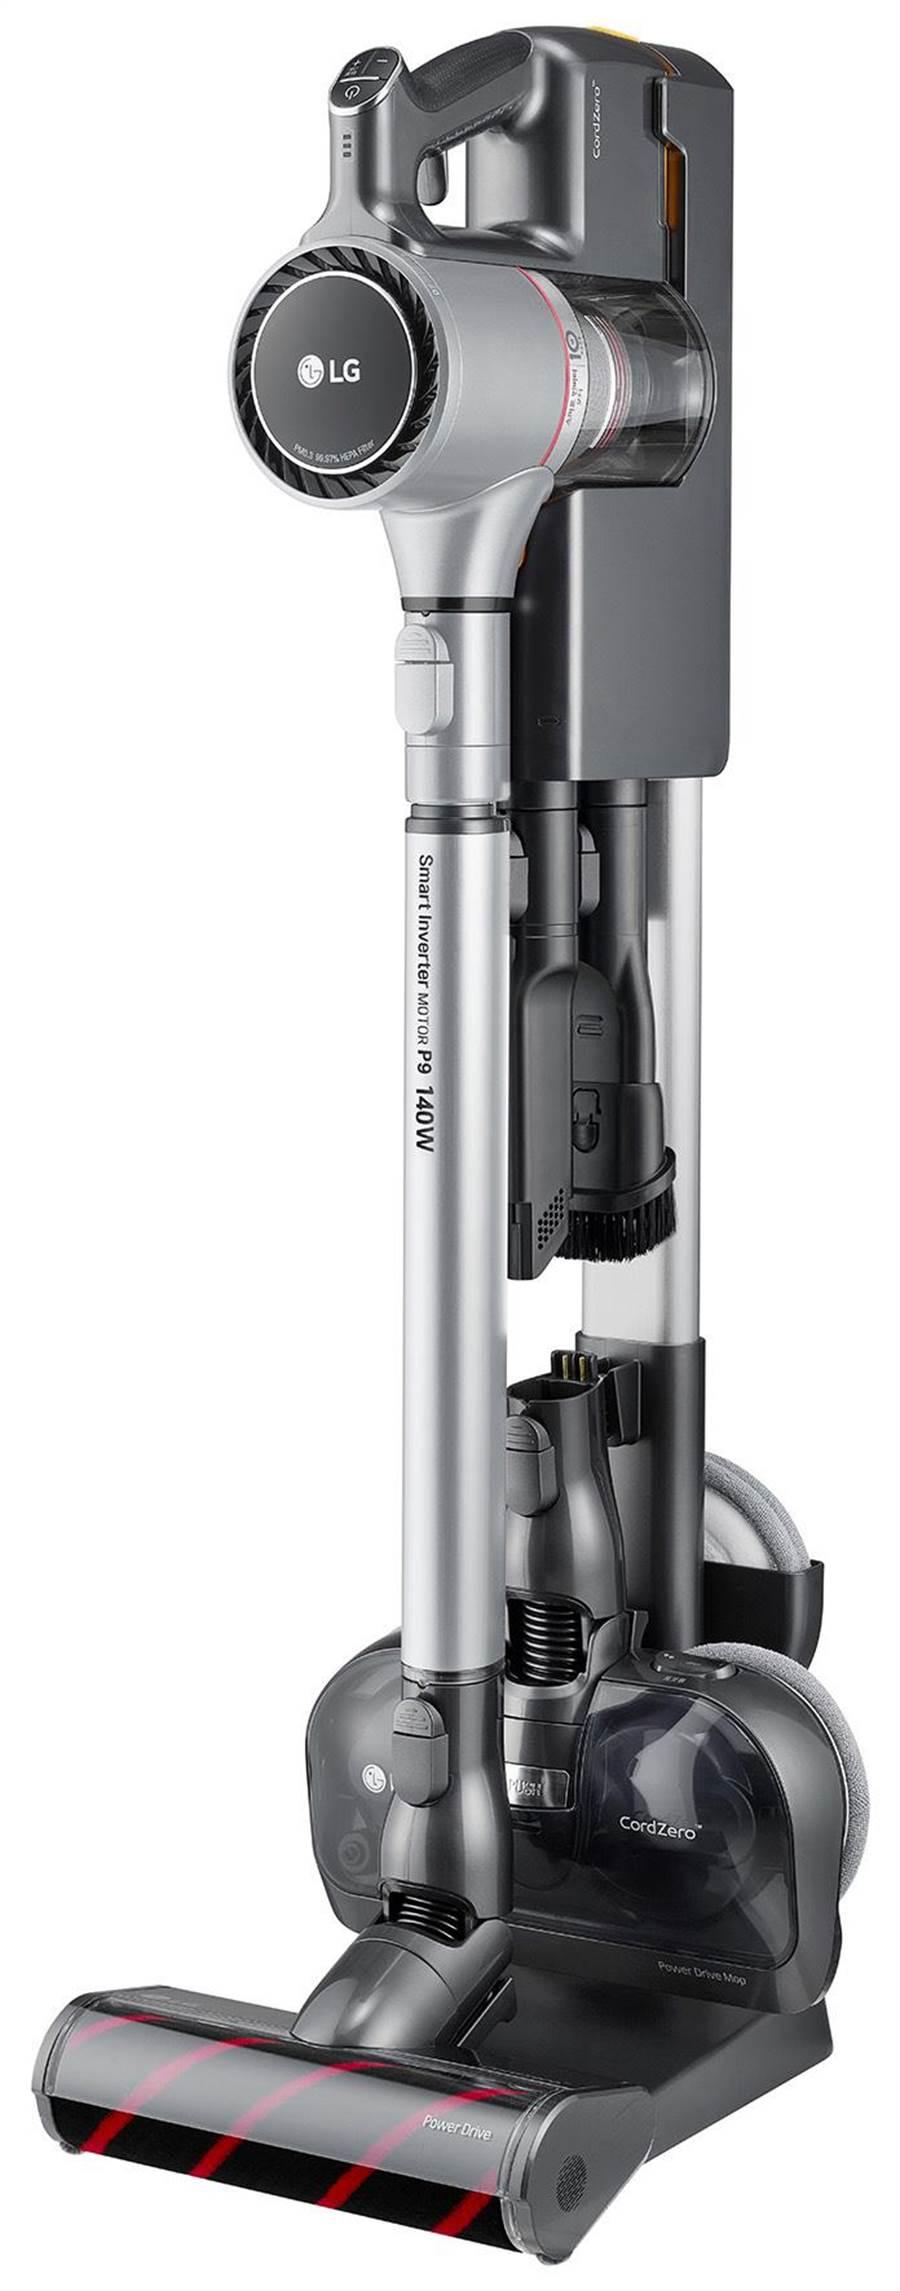 全國電子的LG CordZero A9+ 濕拖無線吸塵器,原價2萬4900元,現省4000元,特價2萬900元,買就送鋰電池及千元全國電子現金折價券。(全國電子提供)